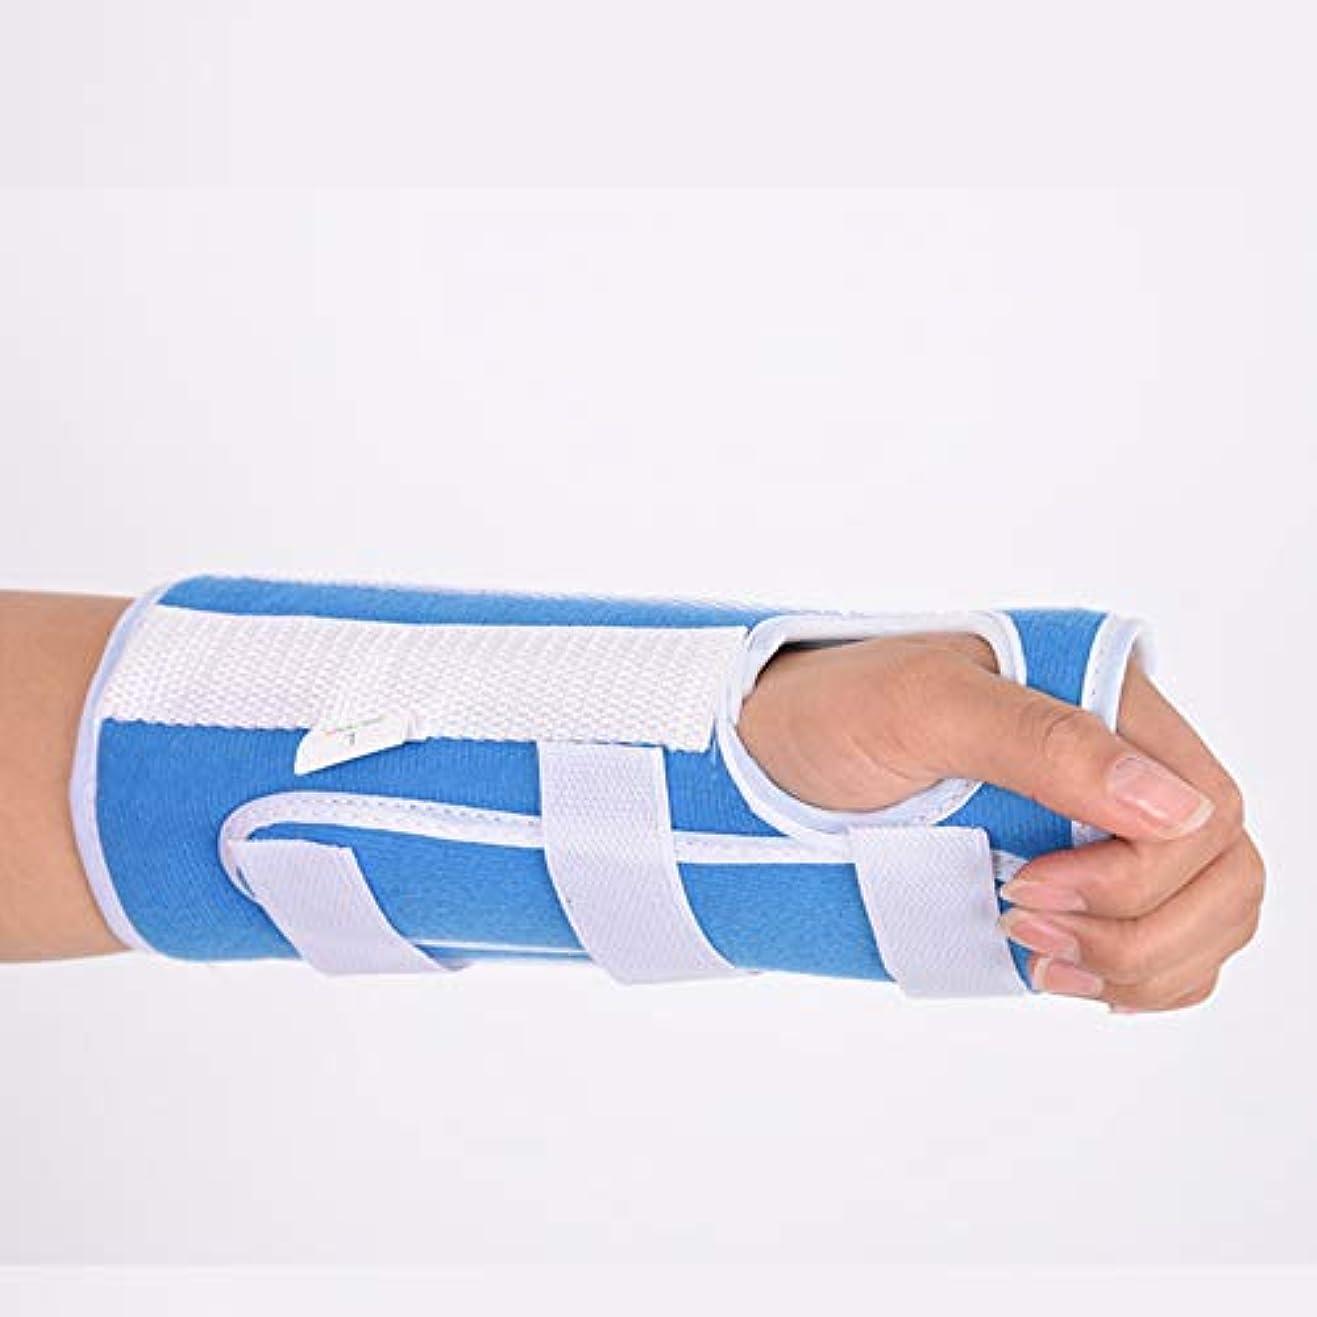 卑しい並外れた人生を作る手根管用手首装具、関節炎および腱炎用の快適で調整可能な手首支持装具、左手と右手の両方に適合,S